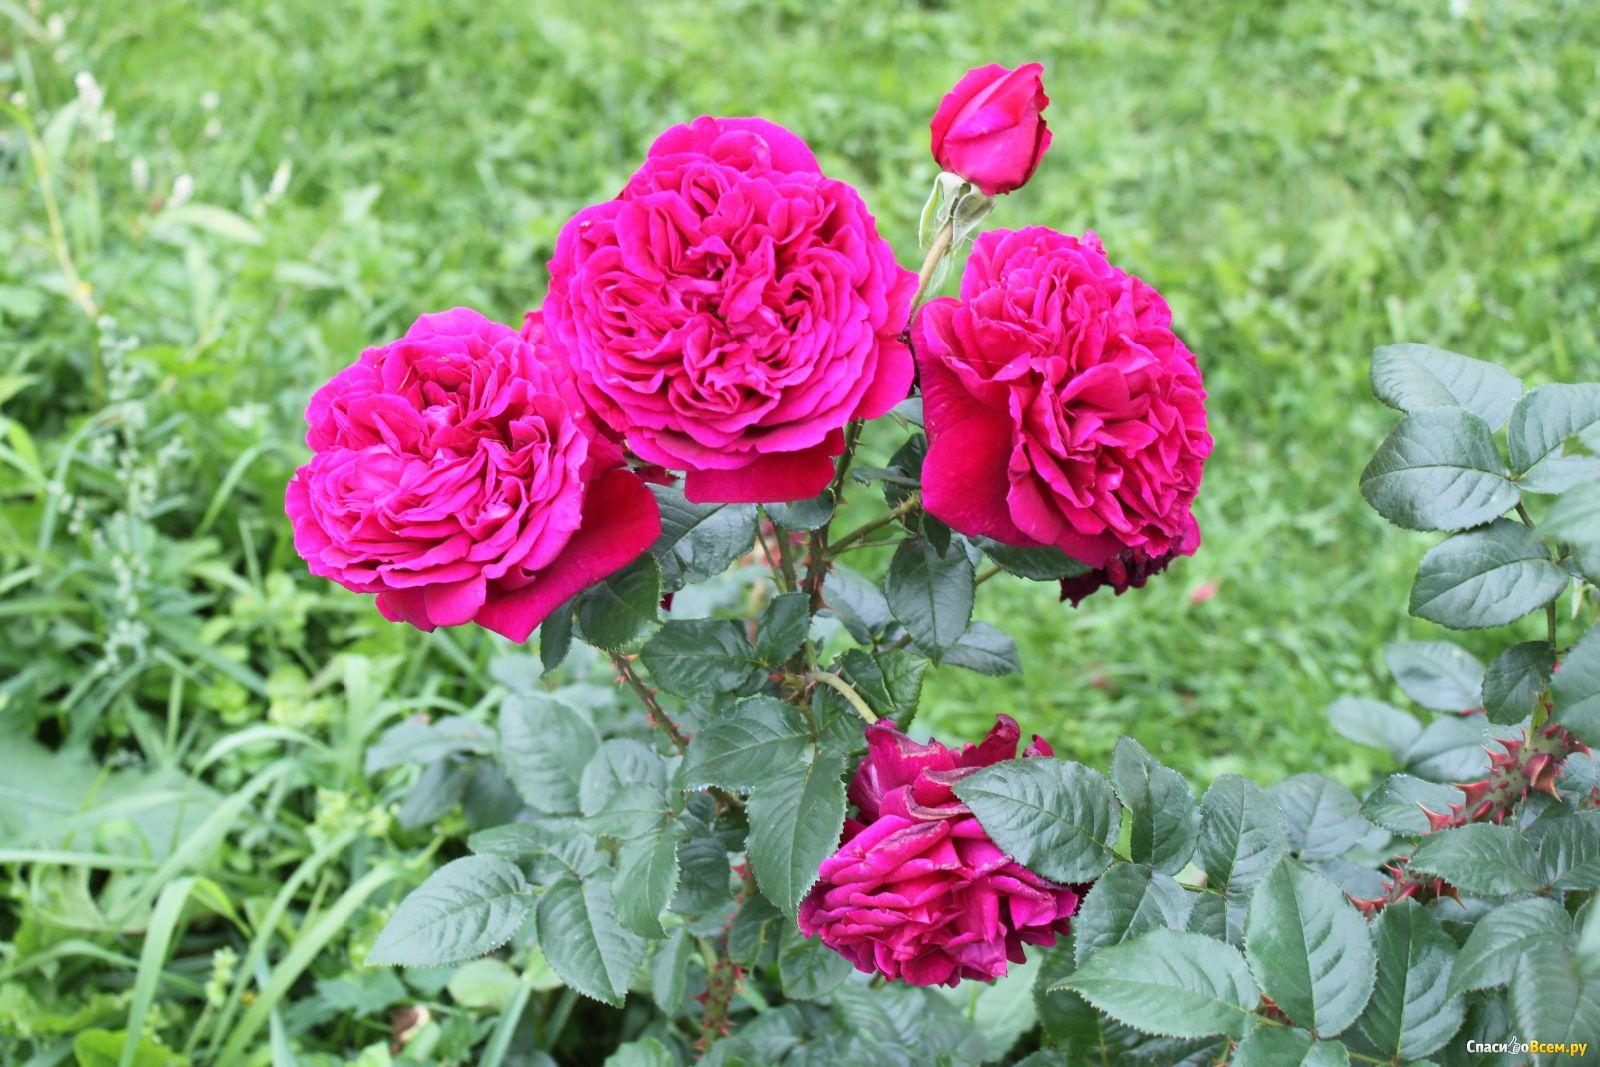 Статус про розу и шипы